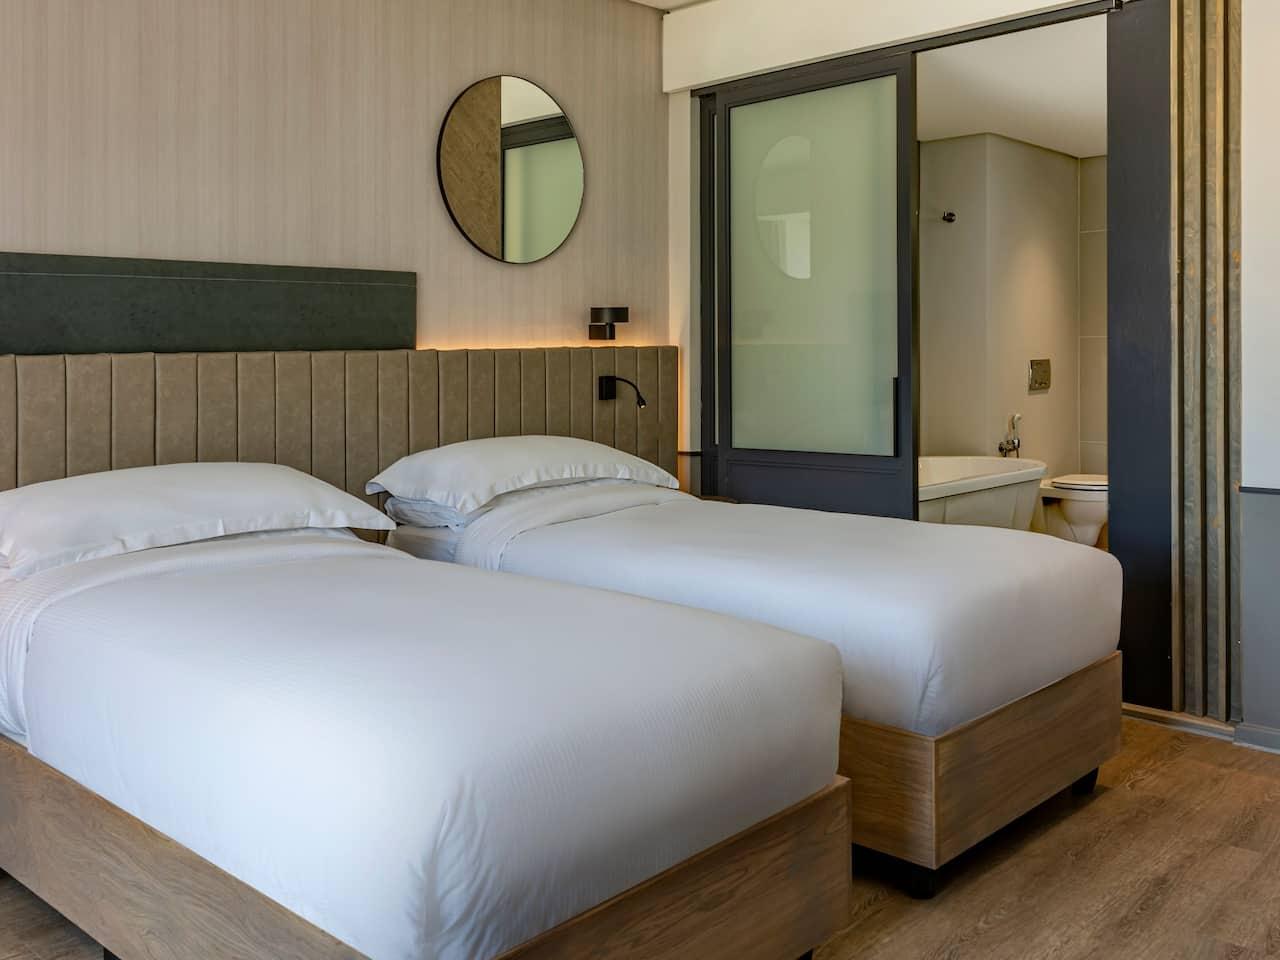 Hyatt Regency Cape Town Twin Room